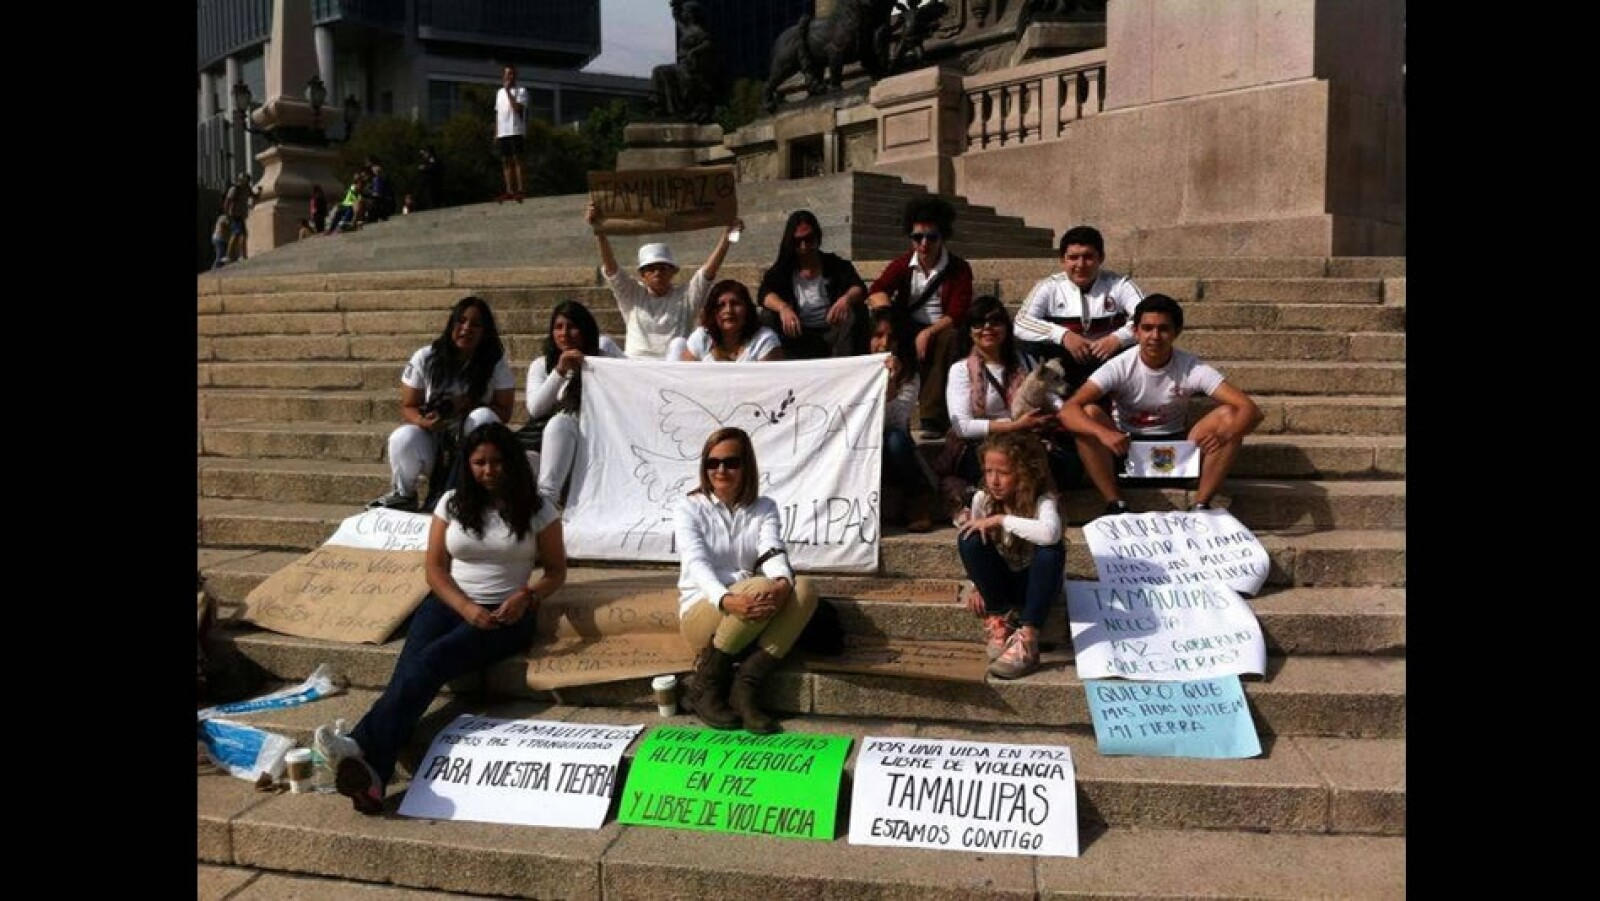 Simultáneamente, tamaulipecos que residen en el Distrito Federal apoyaron la manifestación